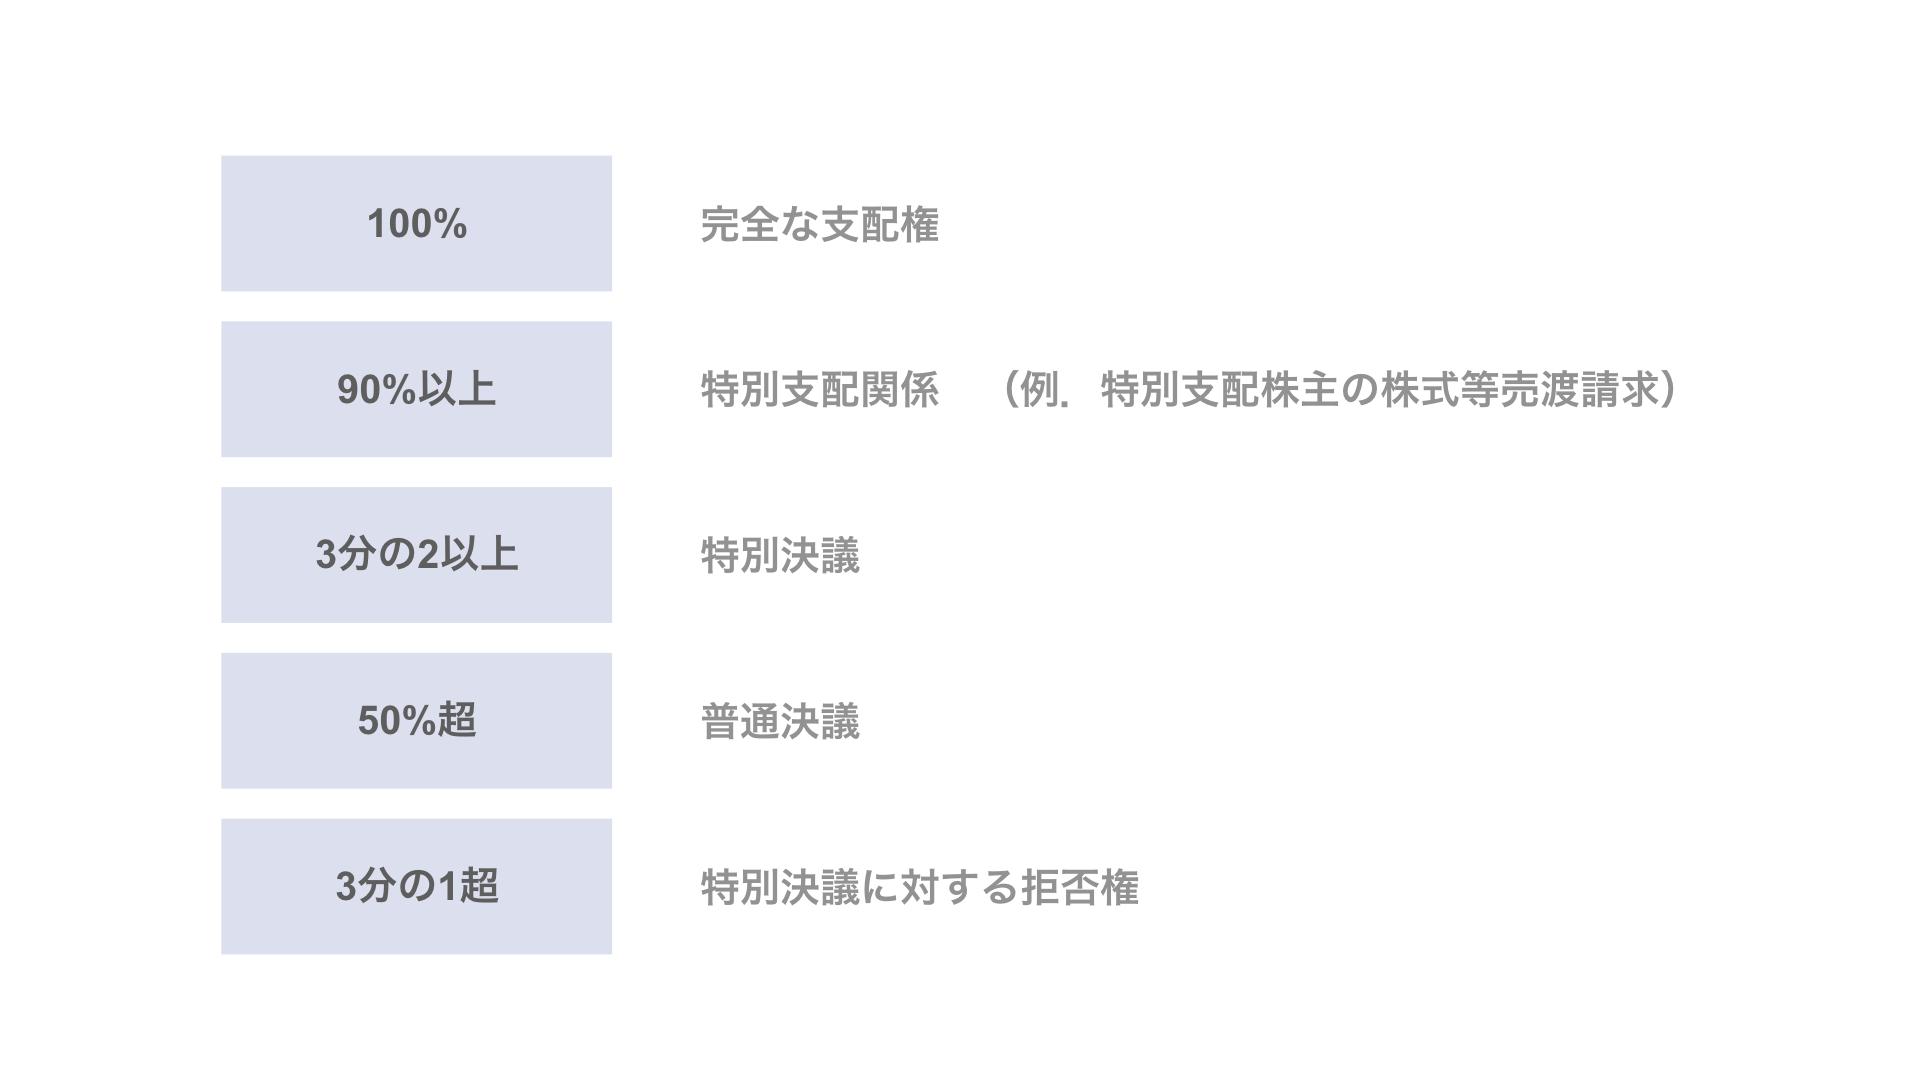 1. 議決権割合と株主の権利